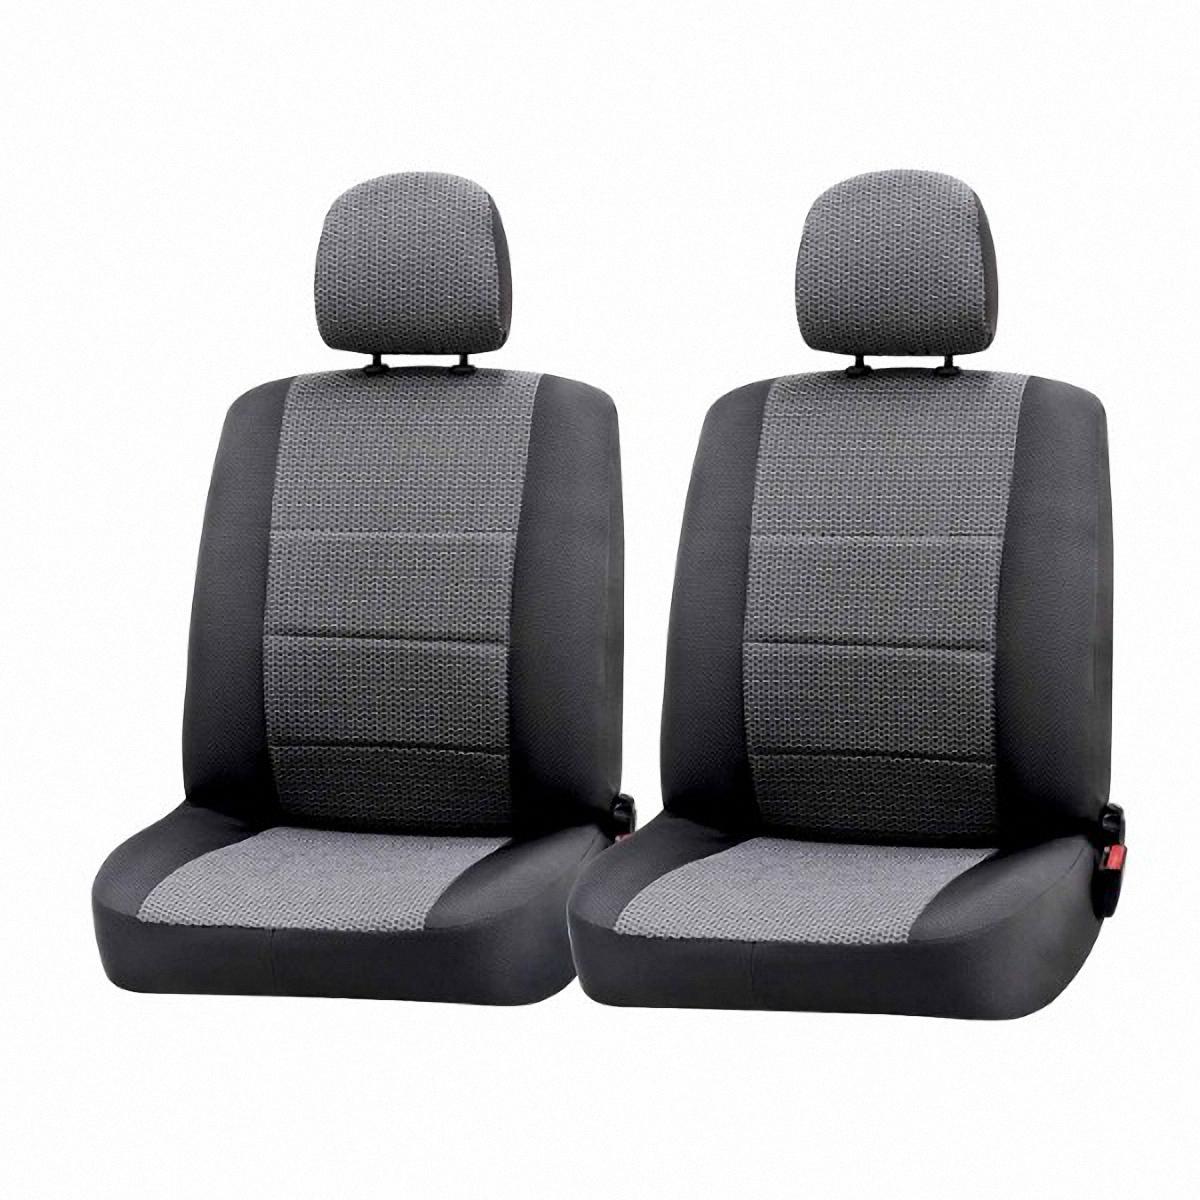 Чехлы автомобильные Skyway, для УАЗ Patriot 2005-2014U1-2Автомобильные чехлы Skyway изготовлены из качественного жаккарда. Чехлы идеально повторяют штатную форму сидений и выглядят как оригинальная обивка сидений. Разработаны индивидуально для каждой модели автомобиля. Авточехлы Skyway просты в уходе - загрязнения легко удаляются влажной тканью. Чехлы имеют раздельную схему надевания. В комплекте 12 предметов.